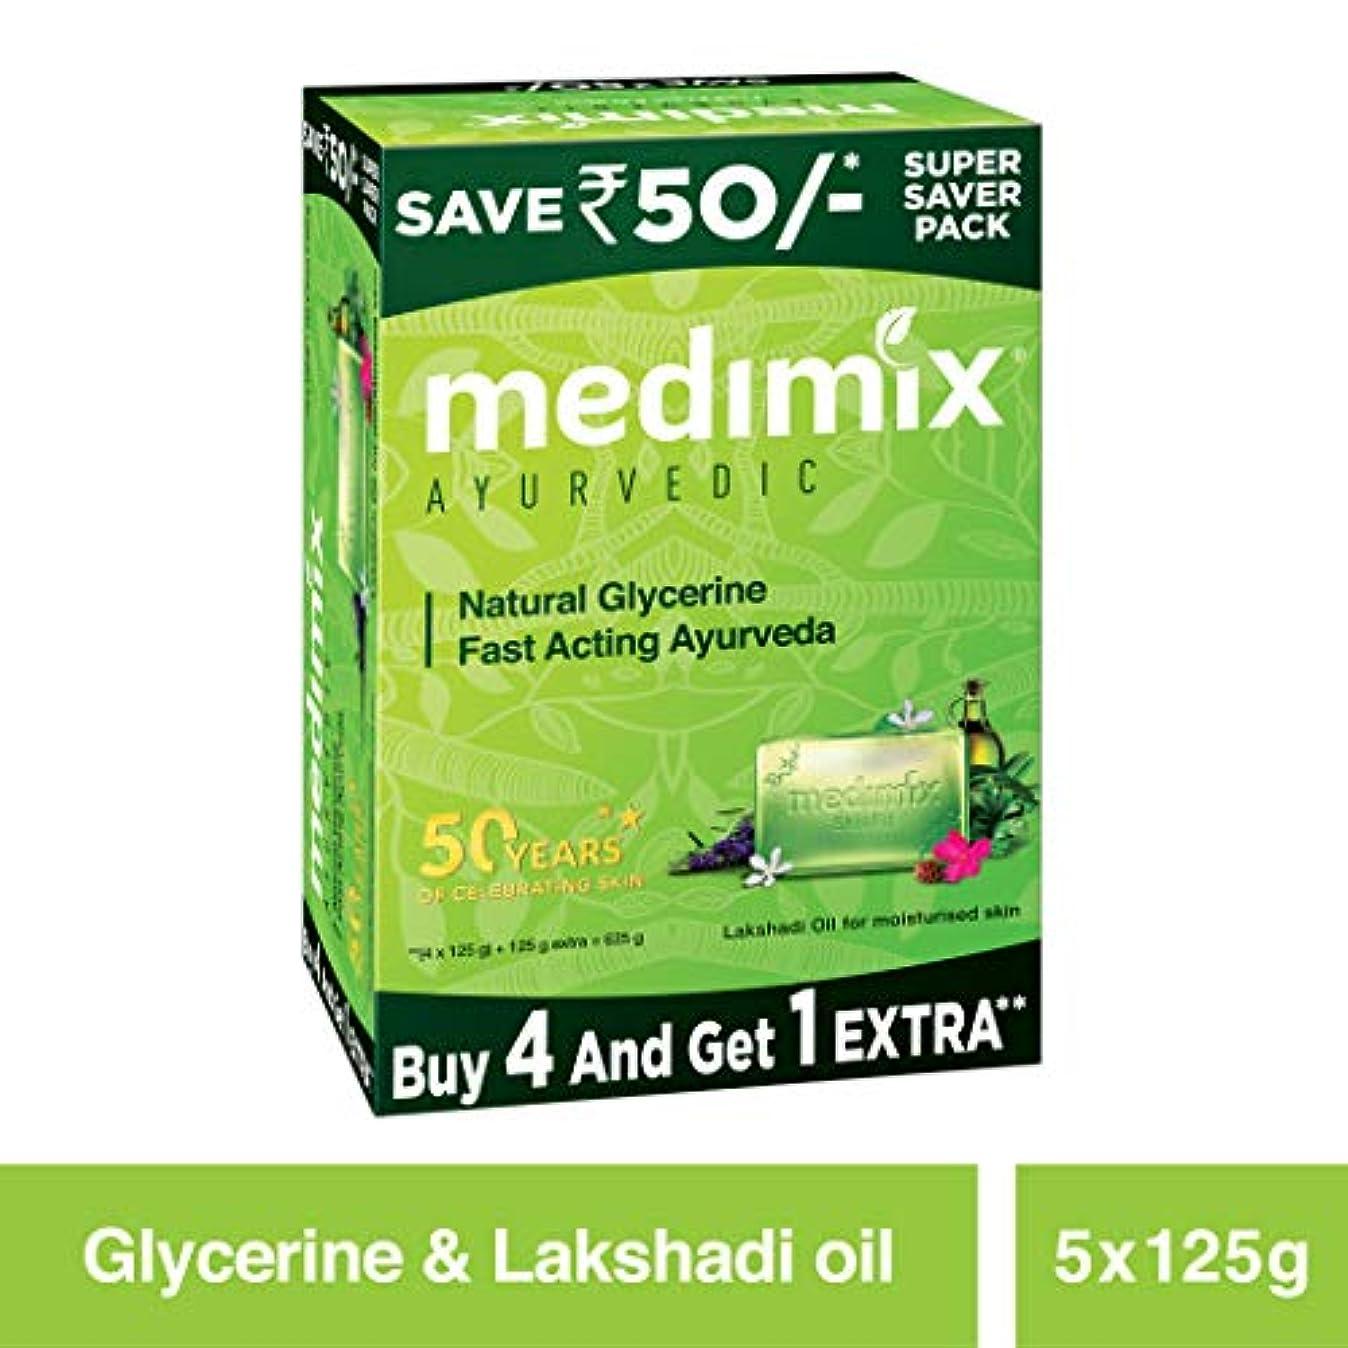 はしご新しい意味現金Medimix Ayurvedic Glycerine Soap, 125g (4+1 Super Saver Pack)